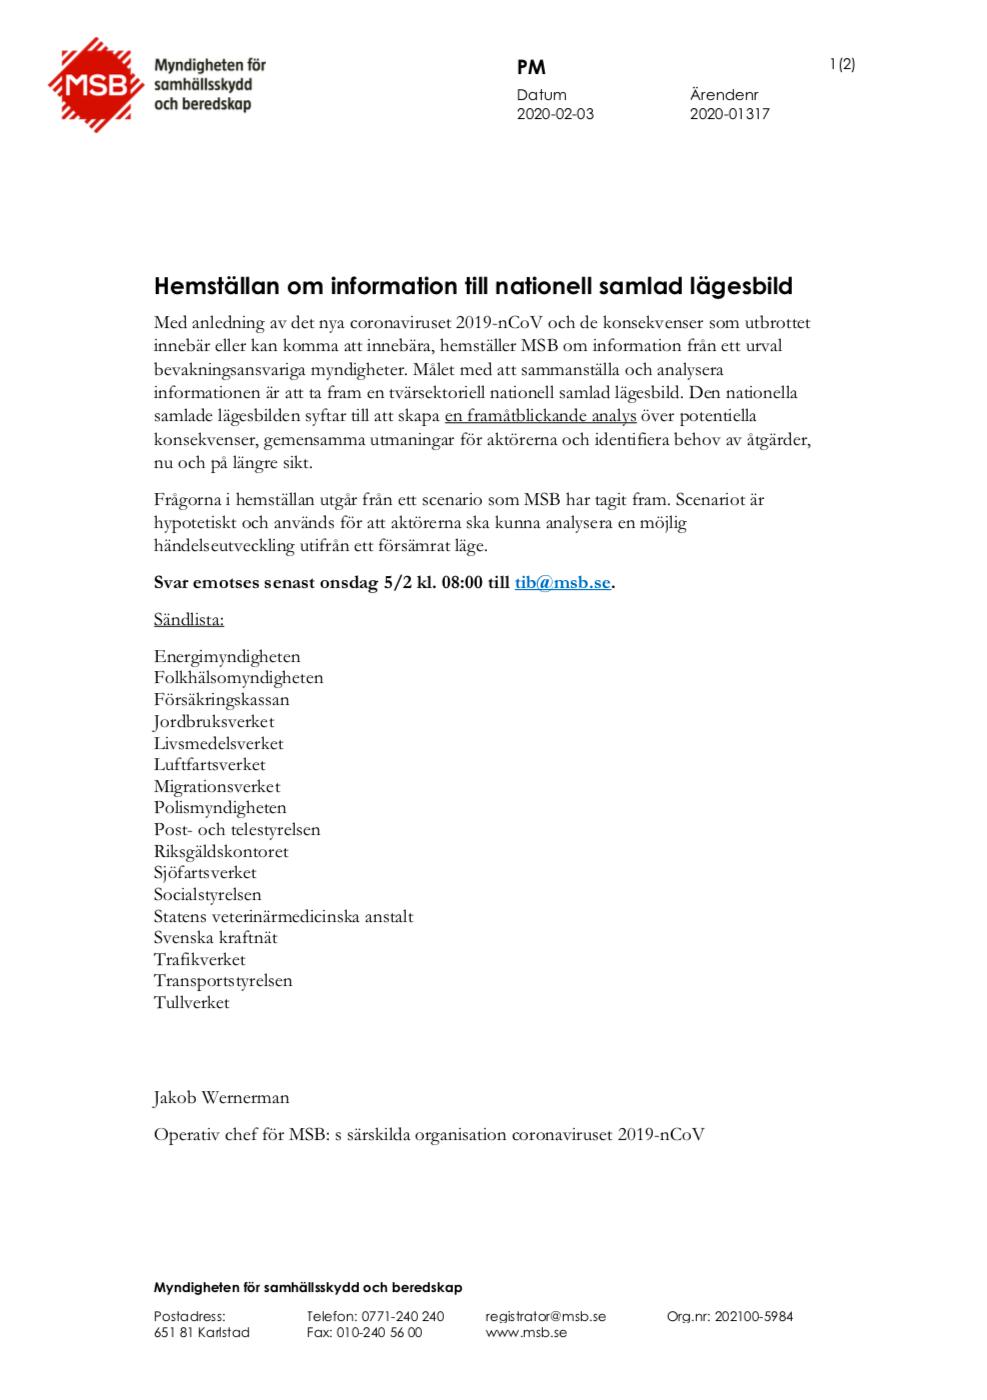 MSB:s hemställan om information till nationell samlad lägesbild